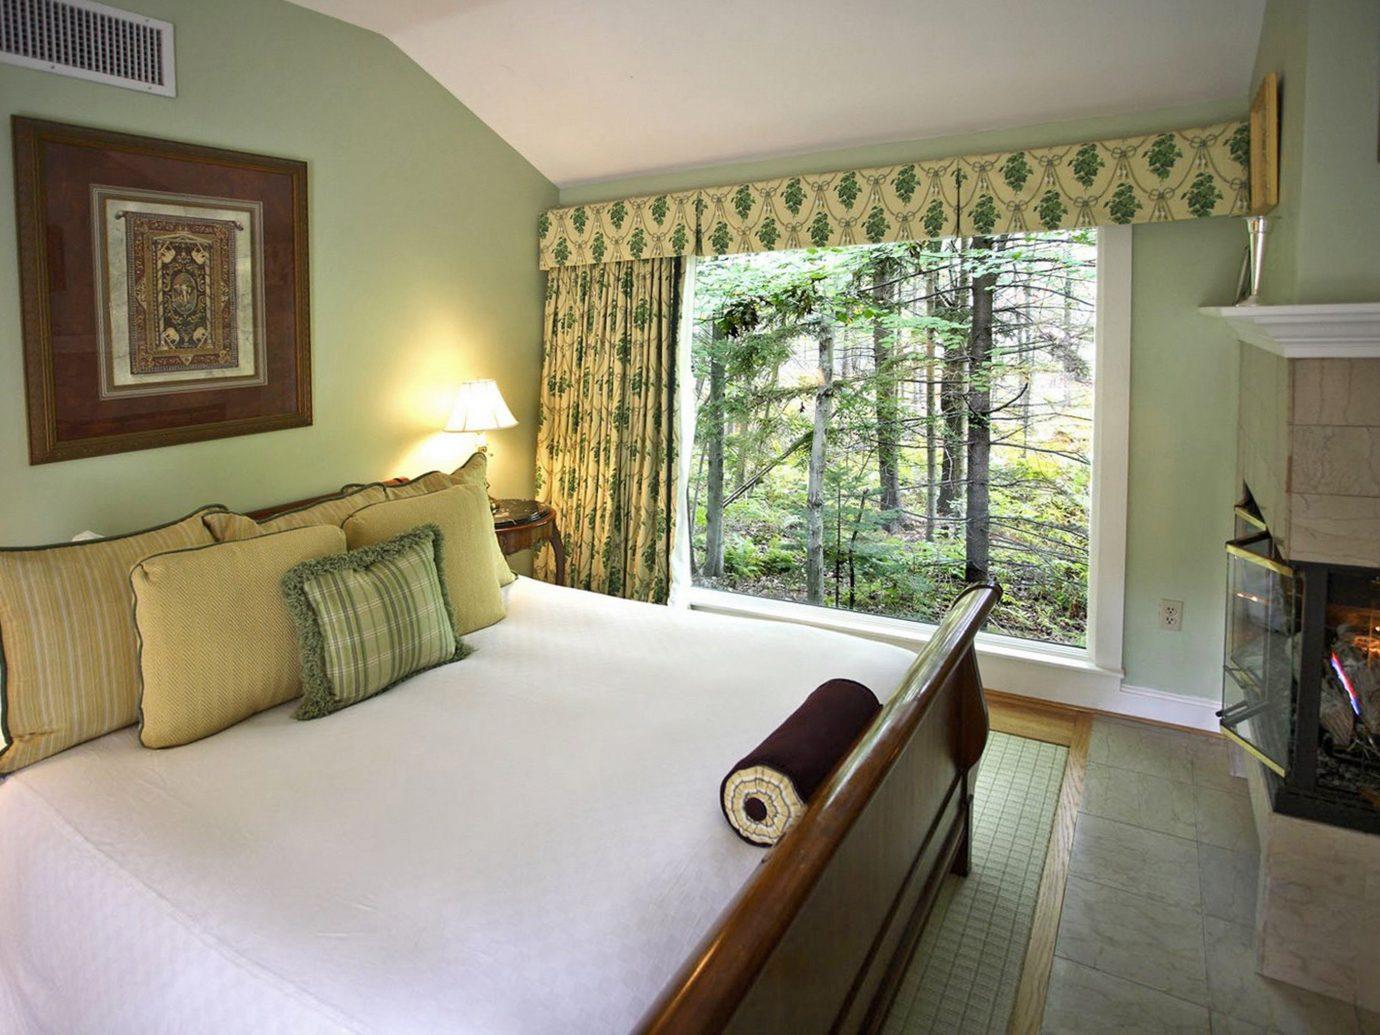 Hotels indoor wall sofa room bed property Bedroom estate cottage home real estate interior design Suite Villa living room furniture